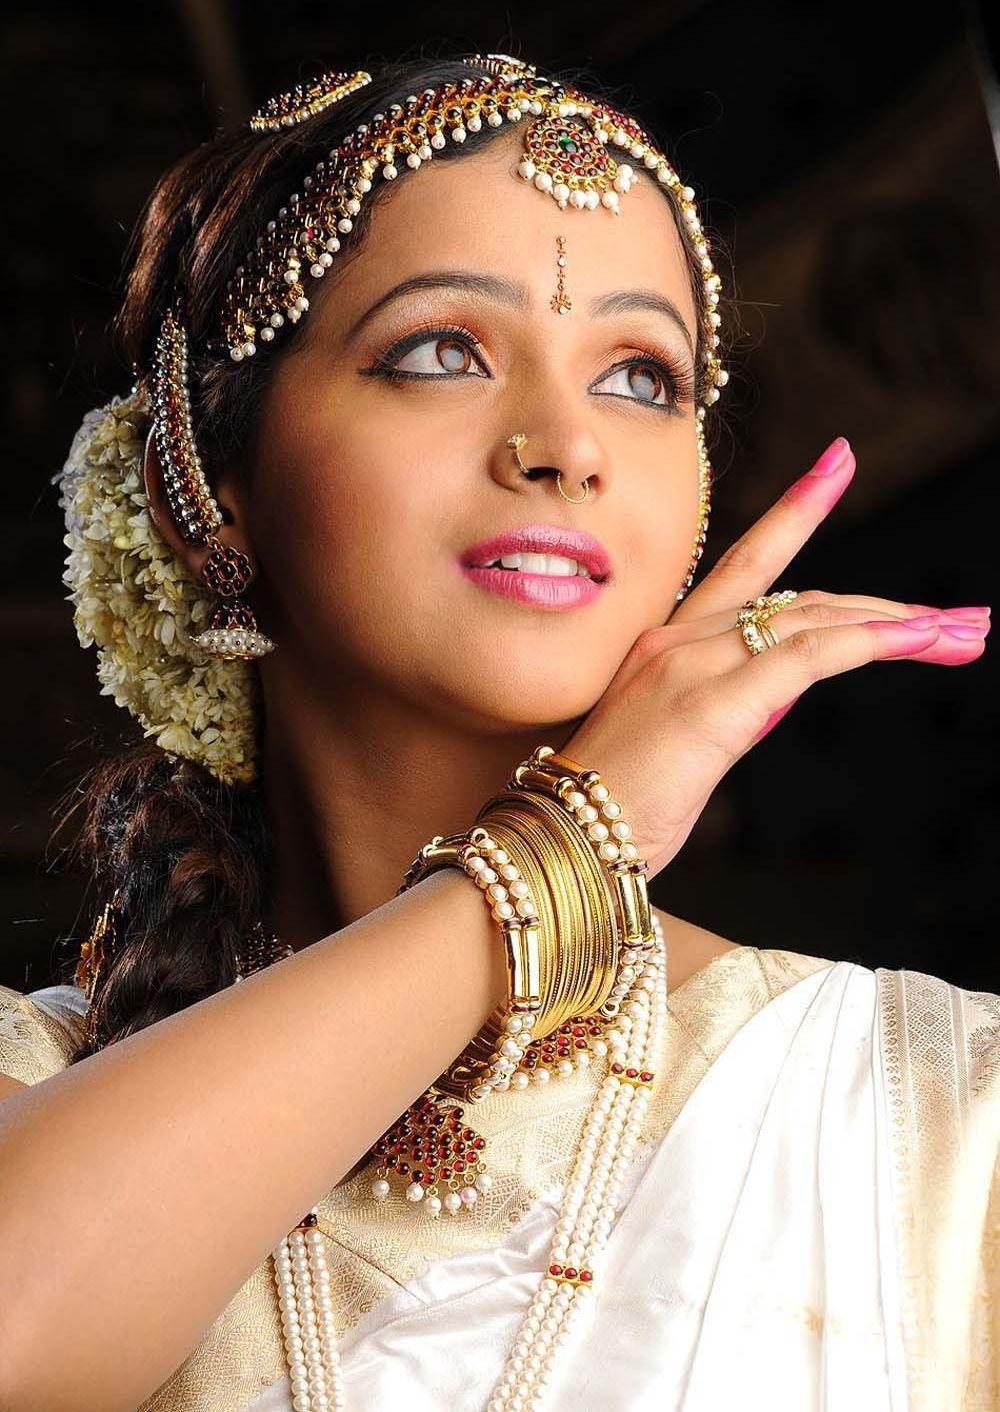 Tamil actress Bhavana South indian actress, Bhavana